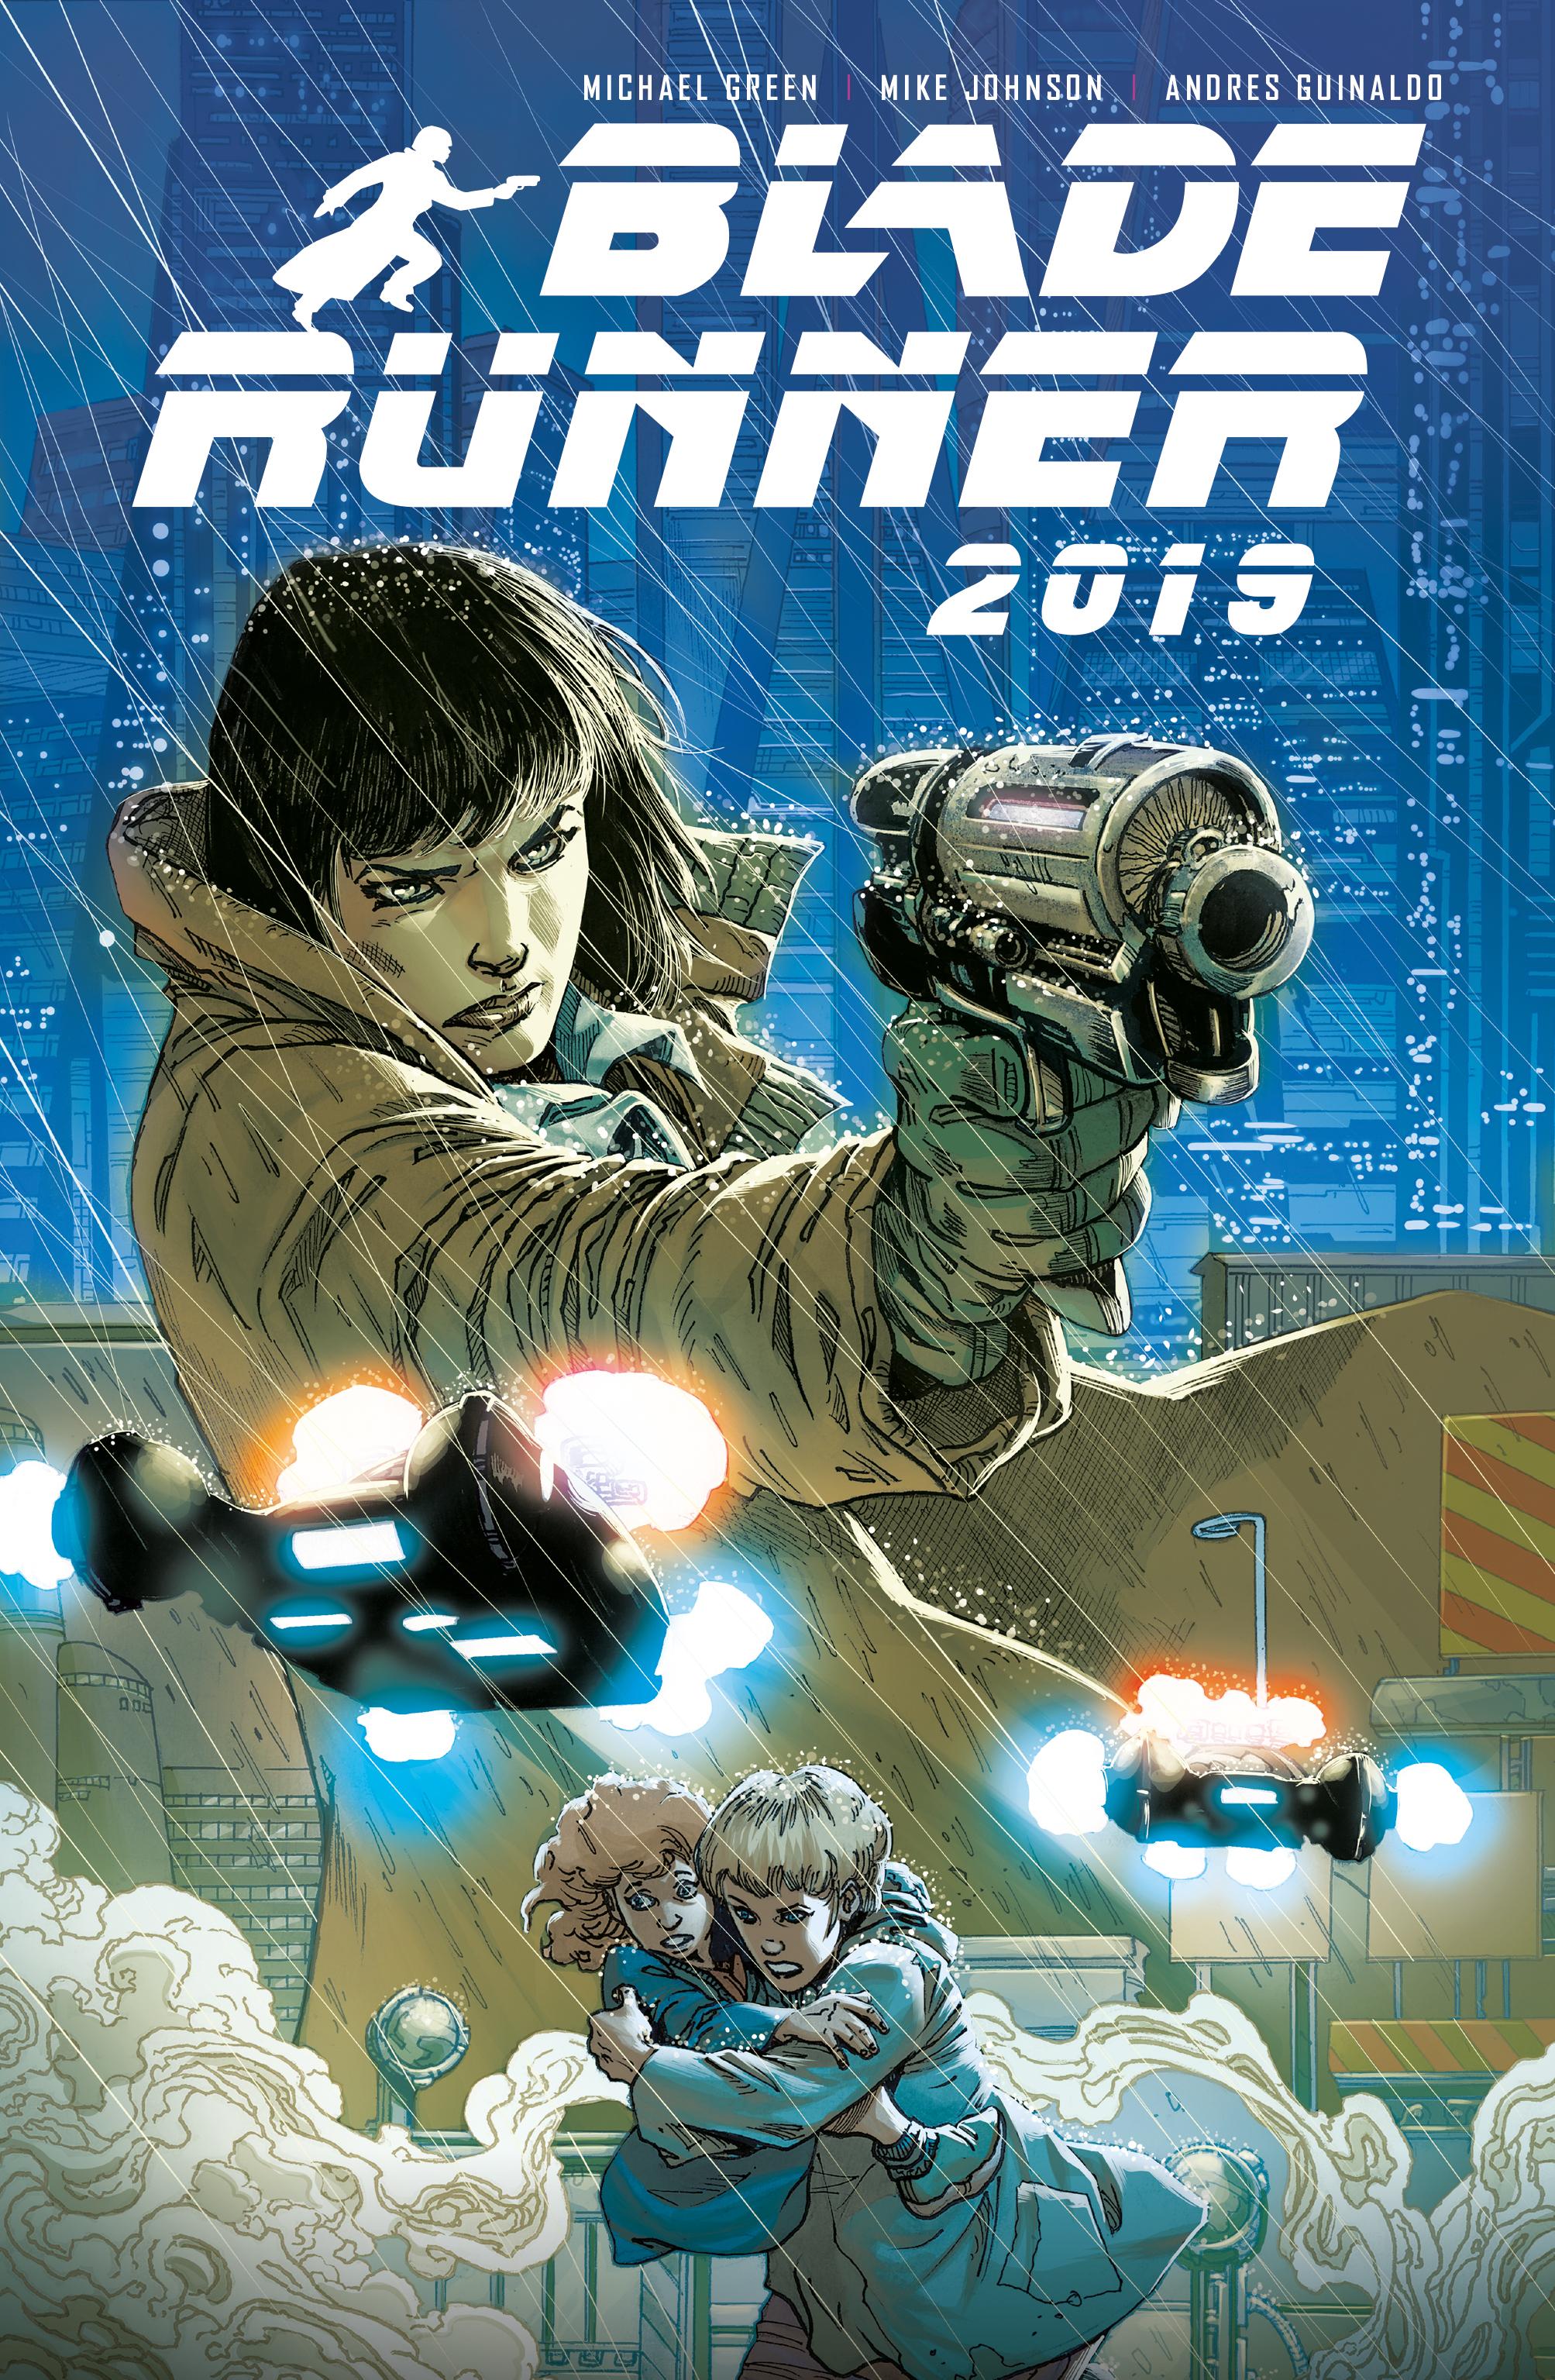 Blade Runner: 2019. Tom 1